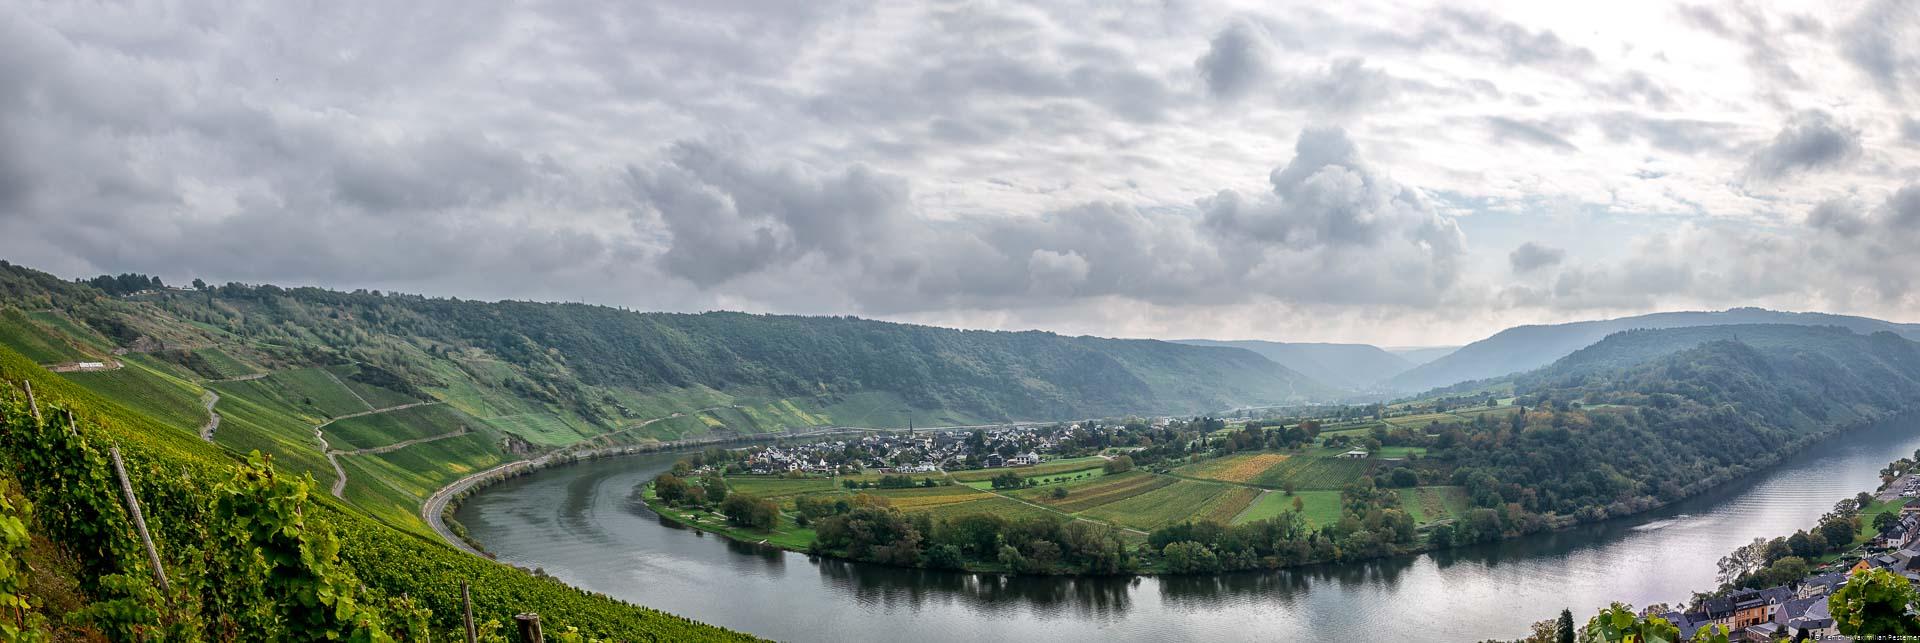 In der Bildmitte befindet sich eine Halbinsel innerhalb der Moselschleife bei Kröv und Wolf. Der Ort Wolf liegt auf der Halbinsel. Der Weinbauort Kröv liegt auf der rechten Seite. An Links und rechts befinden sich Weinbergen und Wälder an steilen Hängen. Im Hintergrund liegt der Ort Traben-Trarbach. Der Himmel ist stark bewölkt.